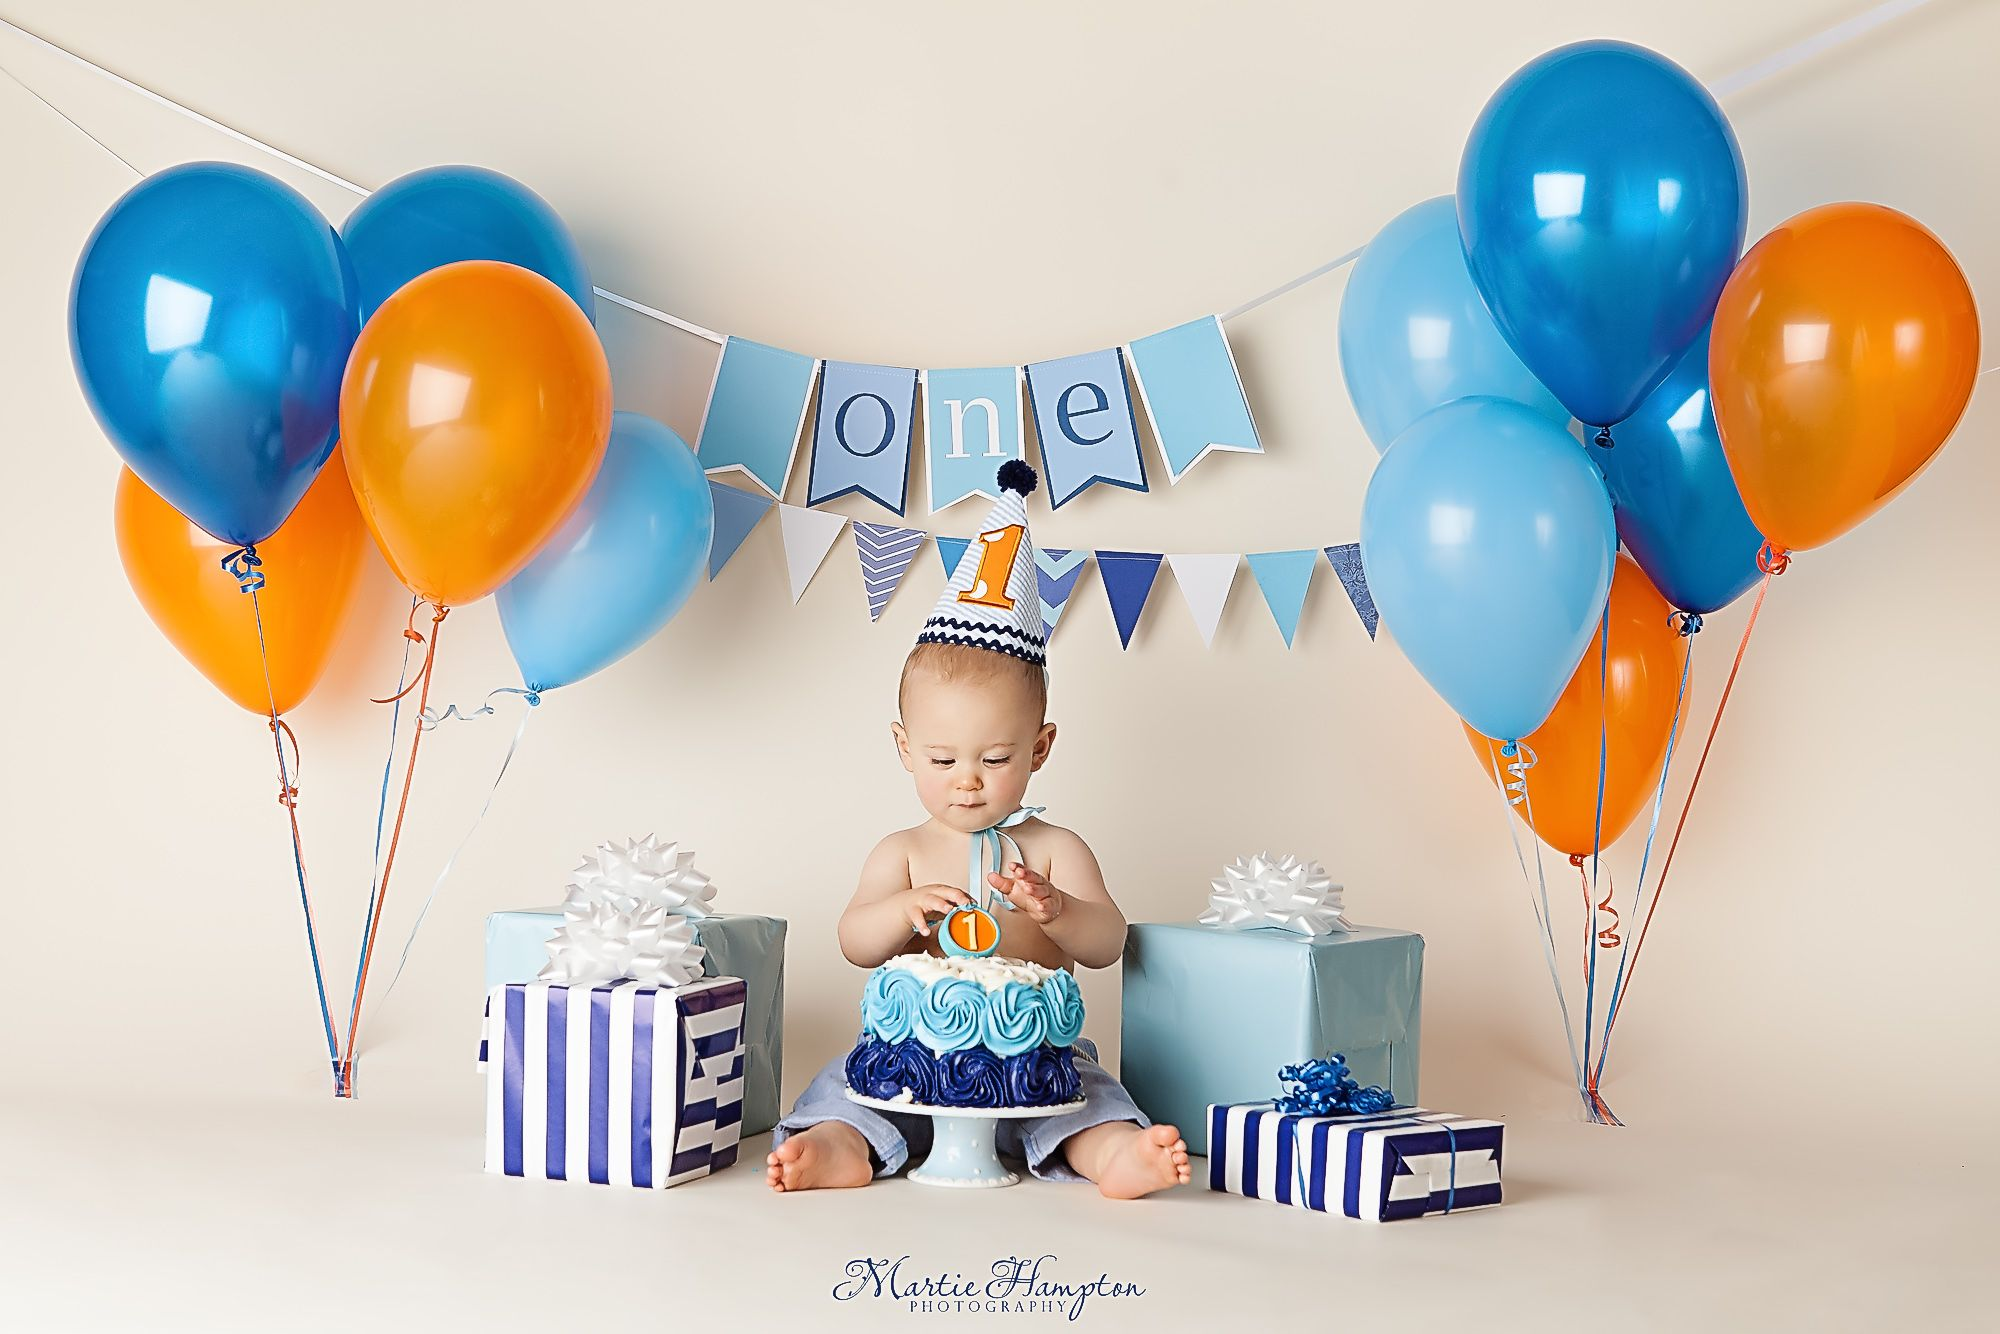 Фото день рождение 1 год, про